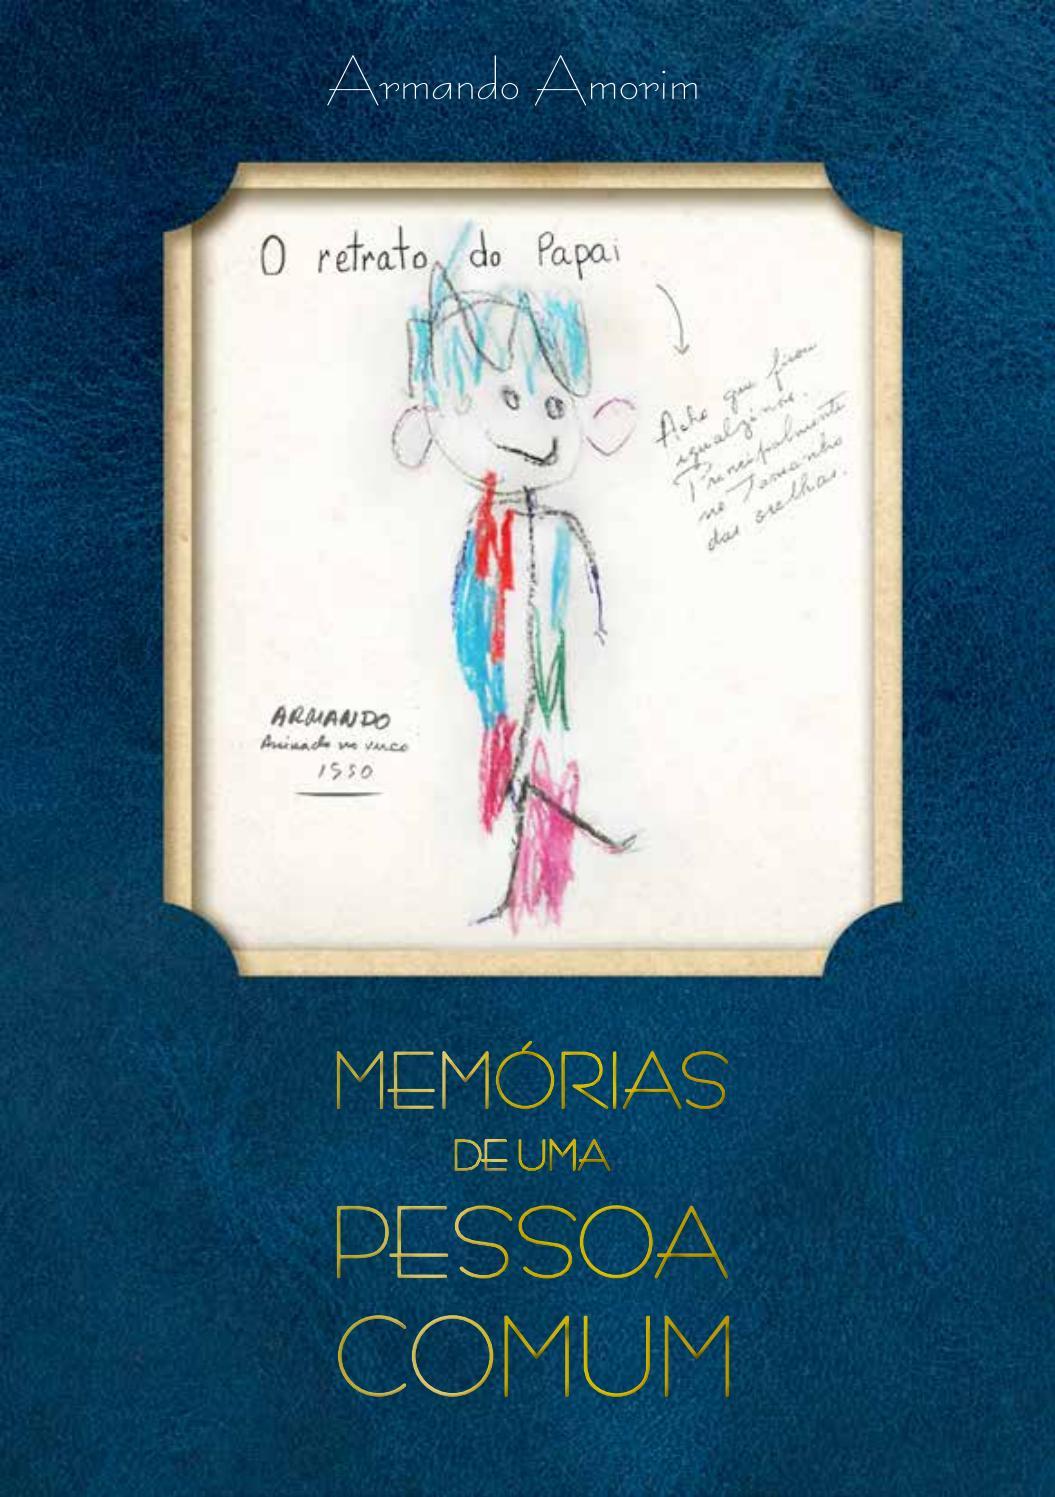 5a3f30d26 Memorias de uma Pessoa Comum- ArmandoAmorim by Olho Nu - issuu